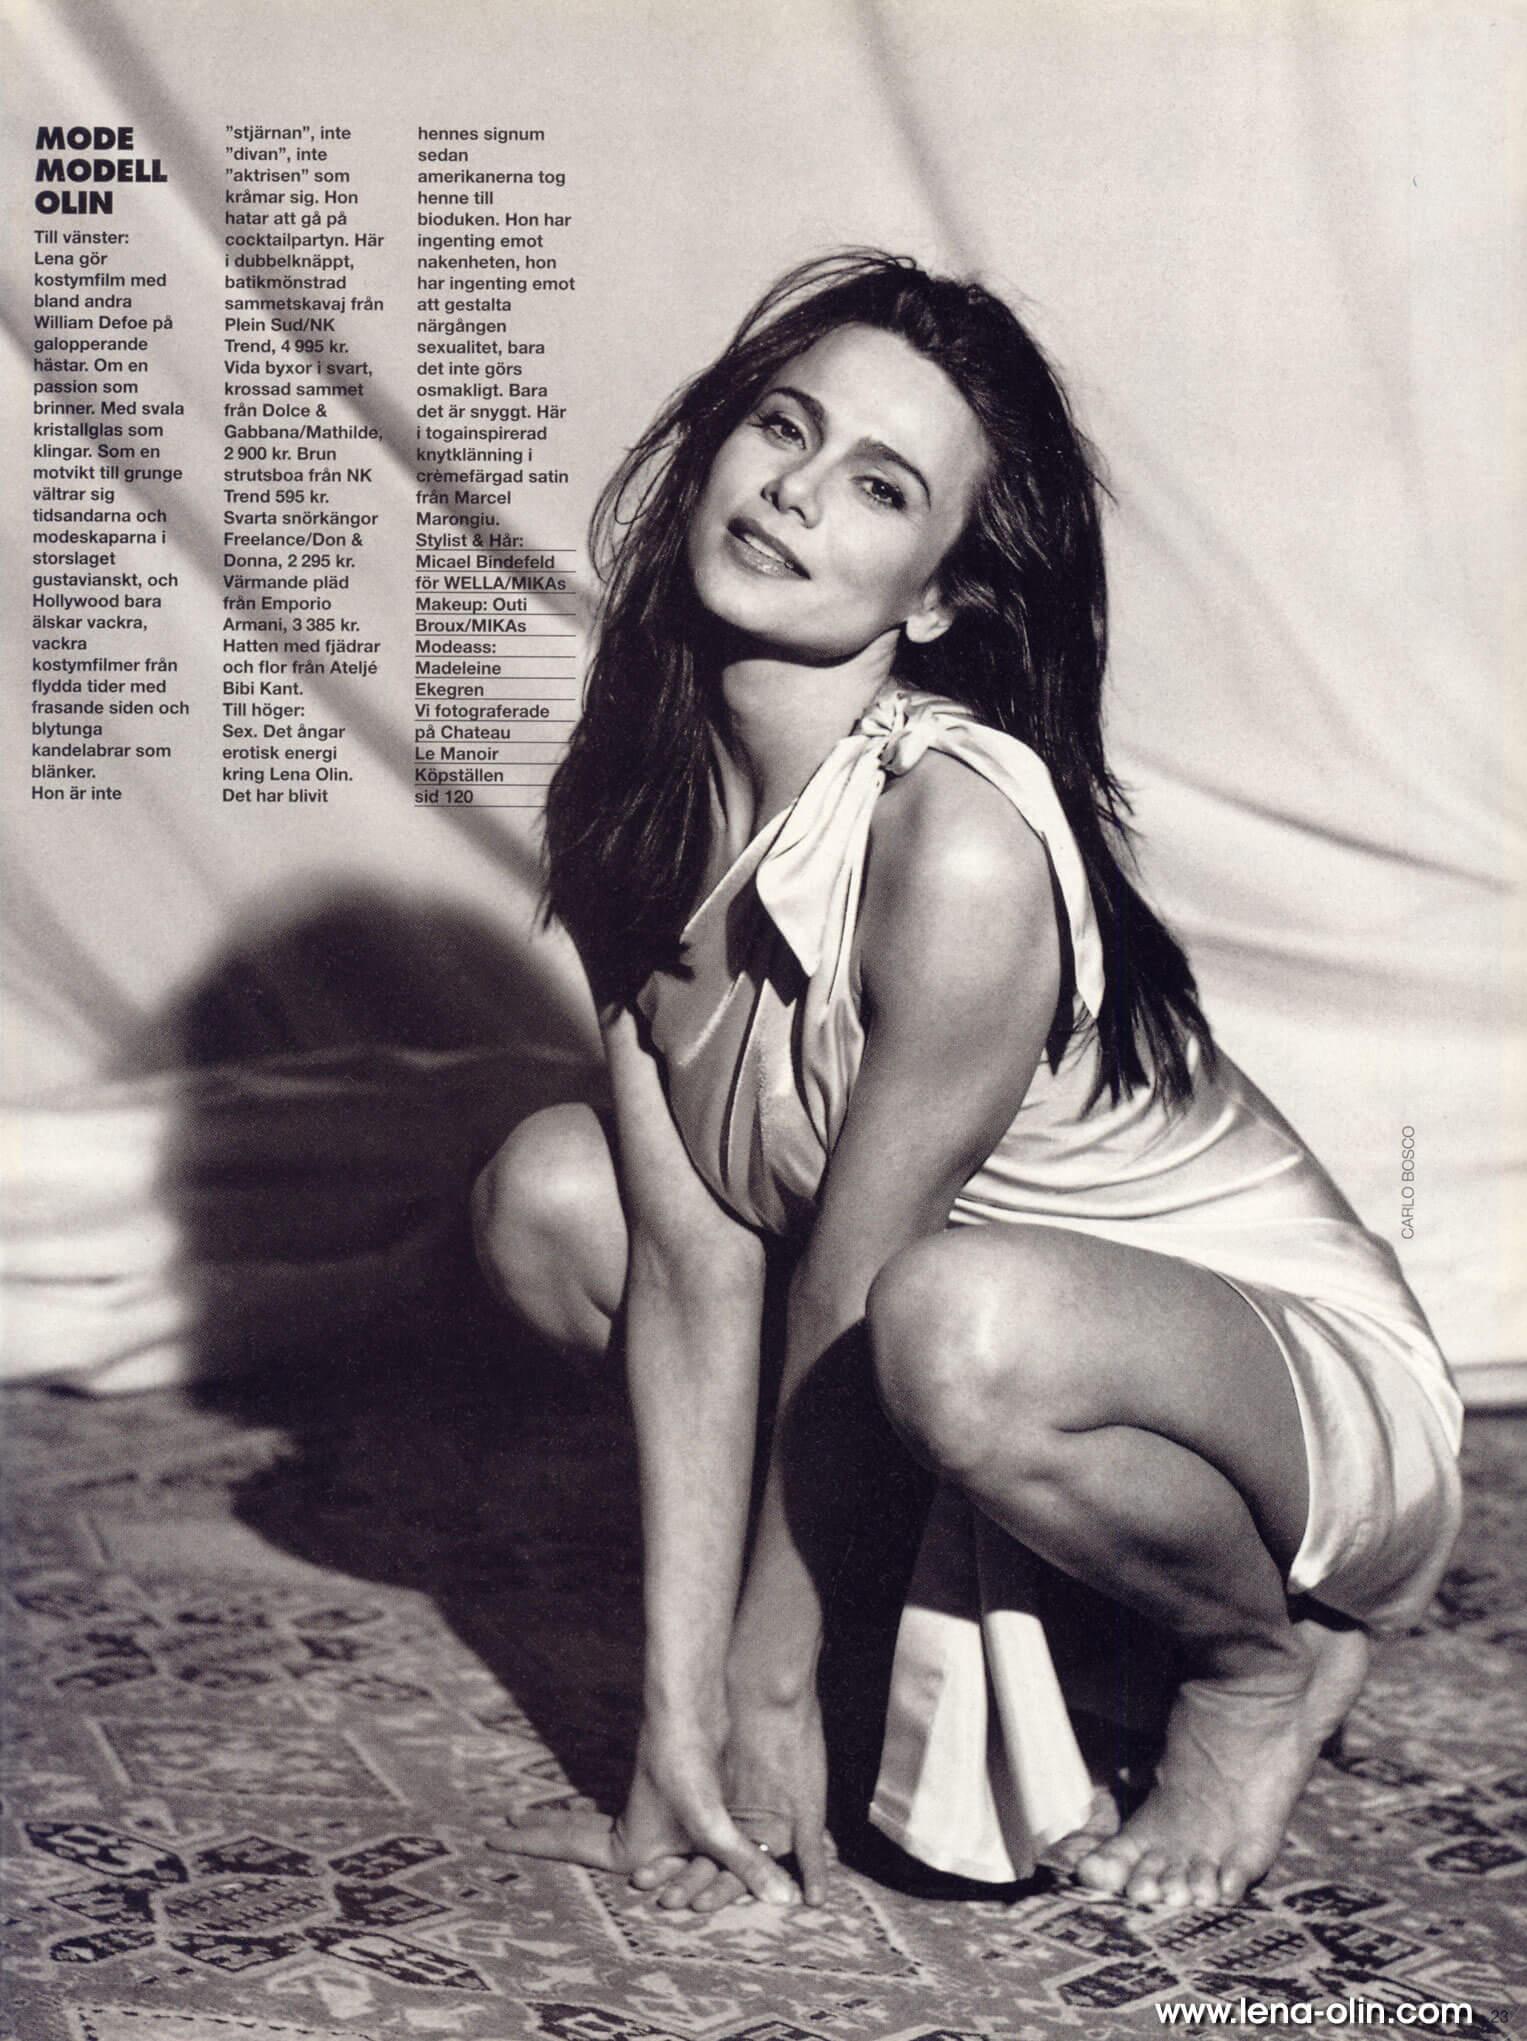 Lena Olin feet sexy